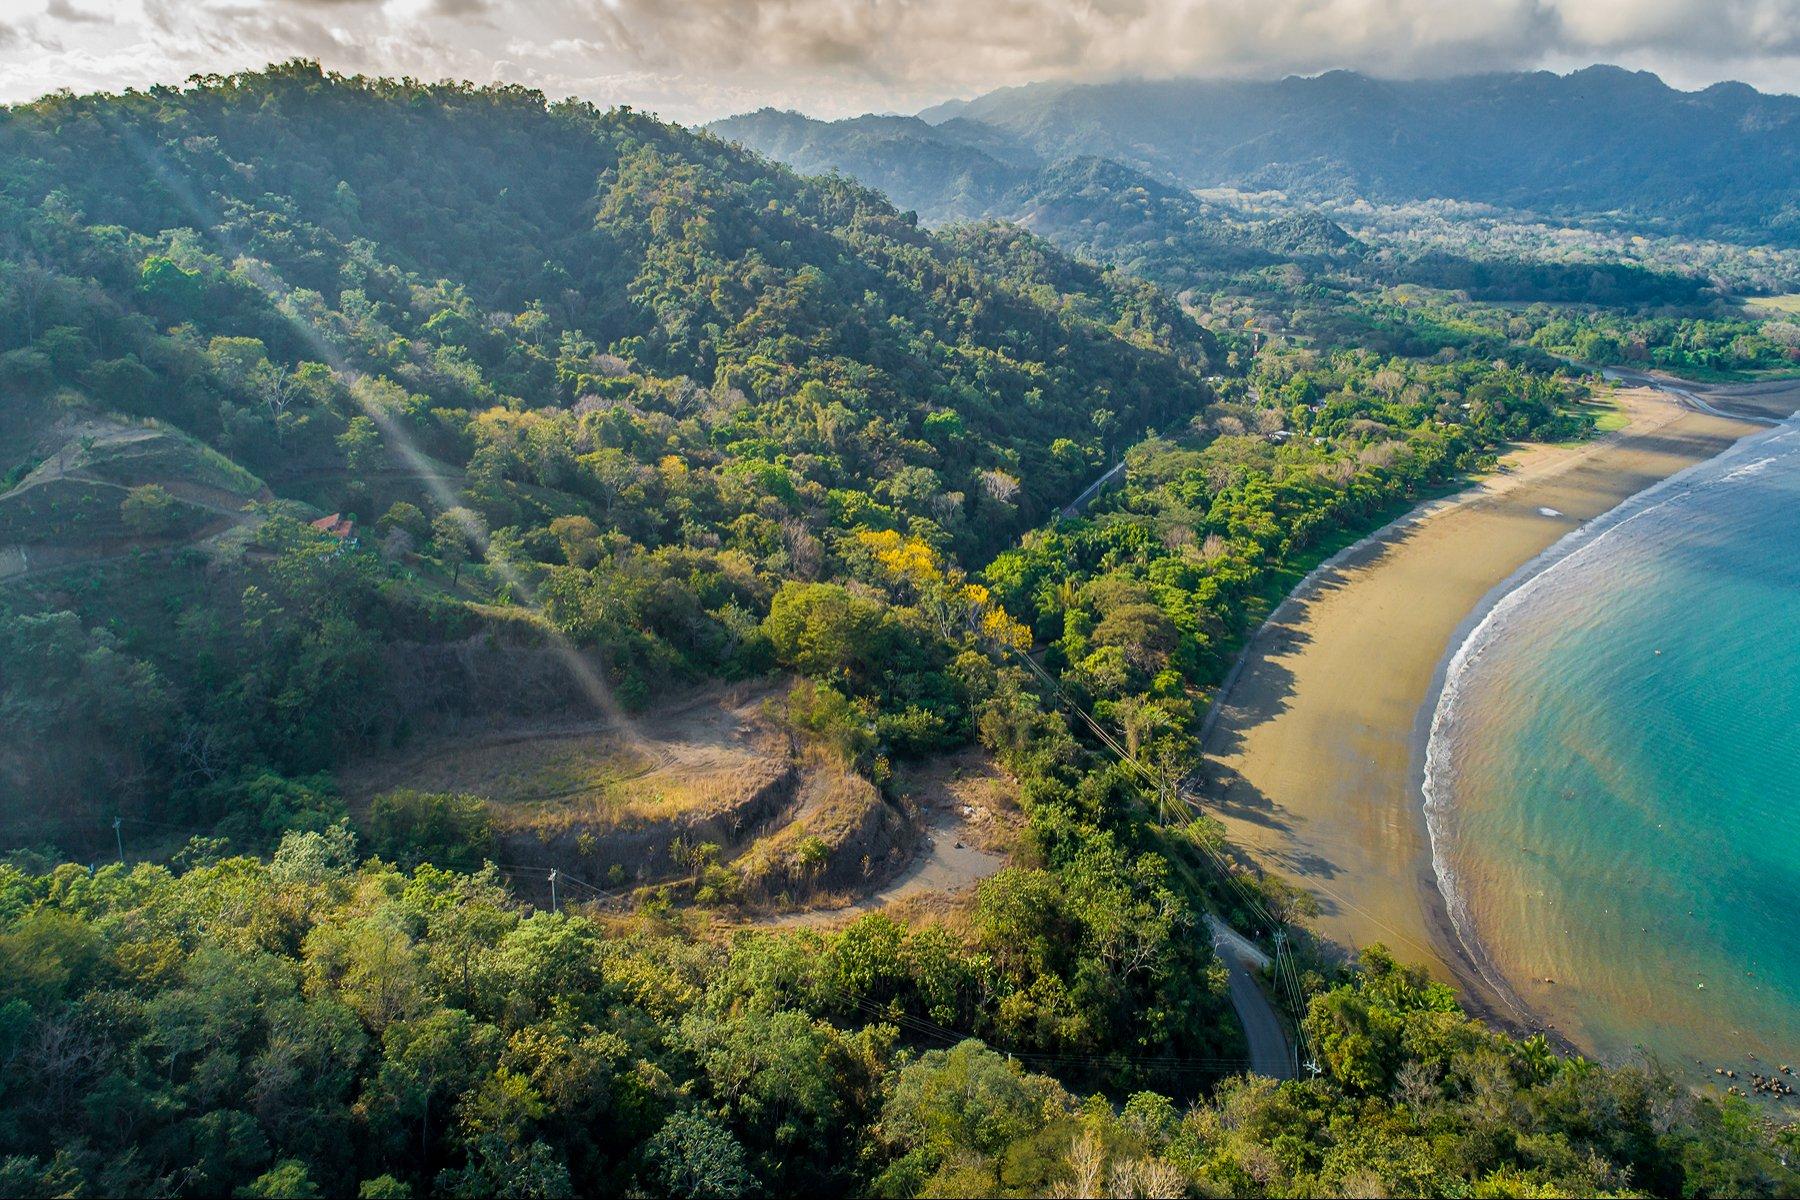 Land in Costa Rica 1 - 10911589